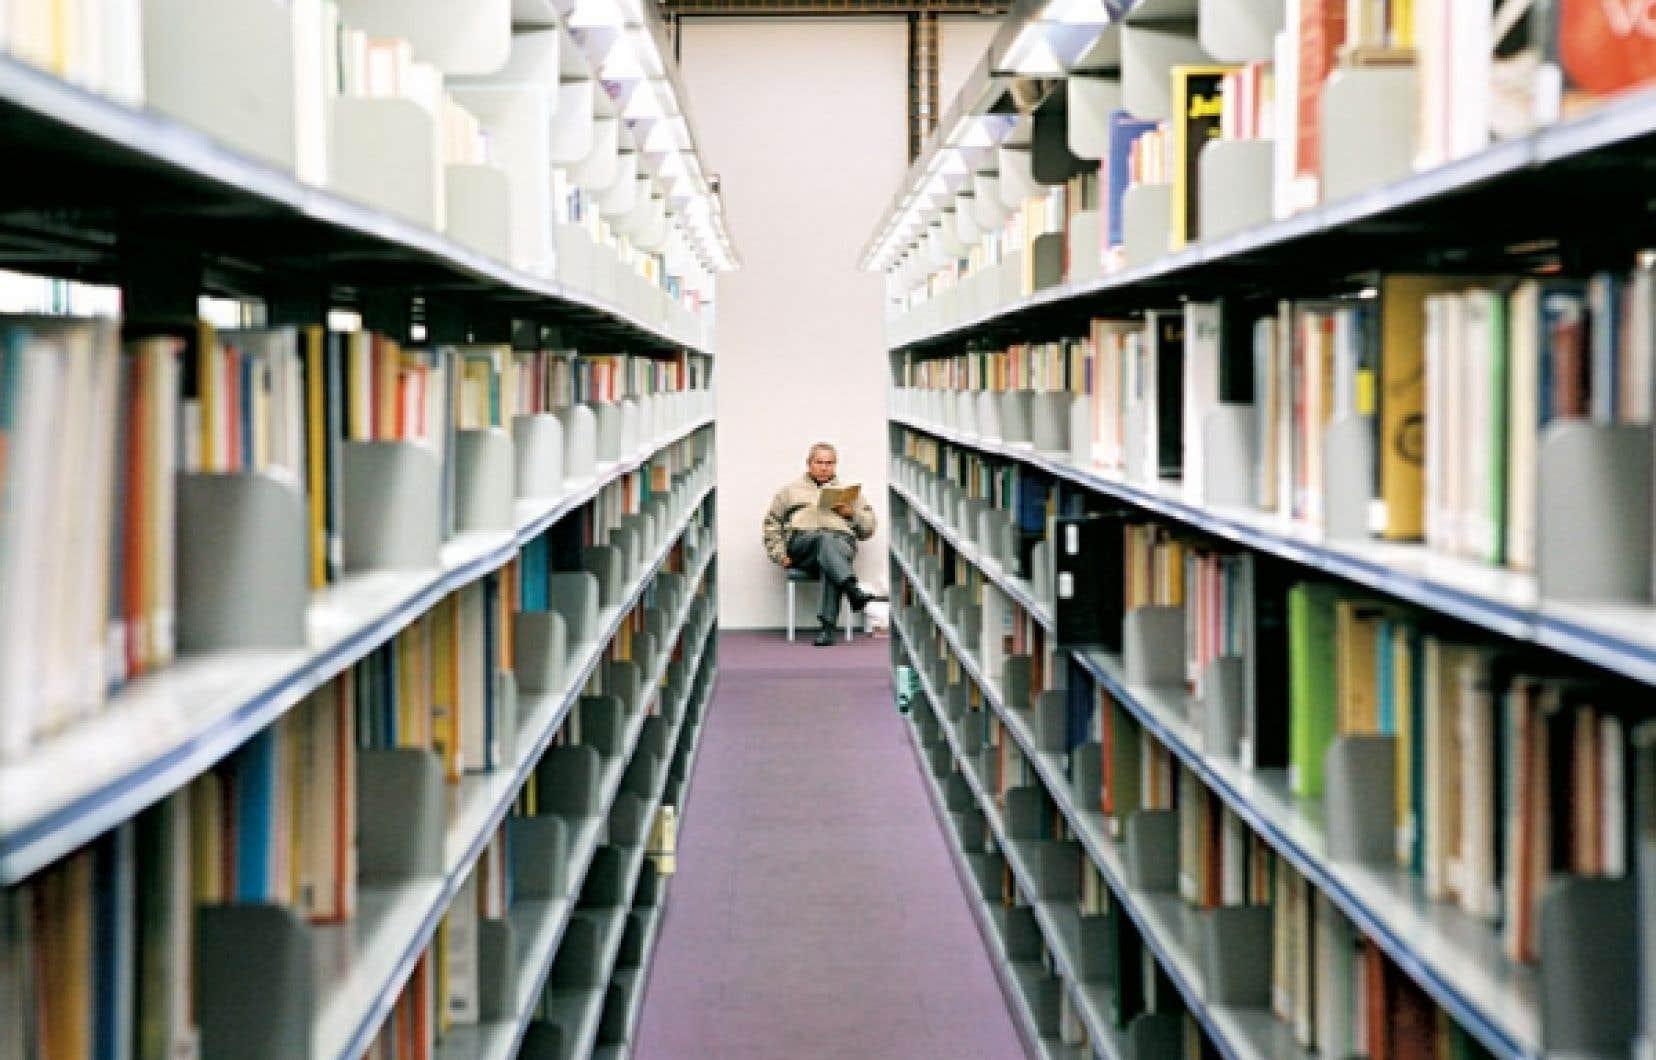 Faudra-t-il se méfier des gens qui lisent, qui favorisent et soutiennent la lecture?